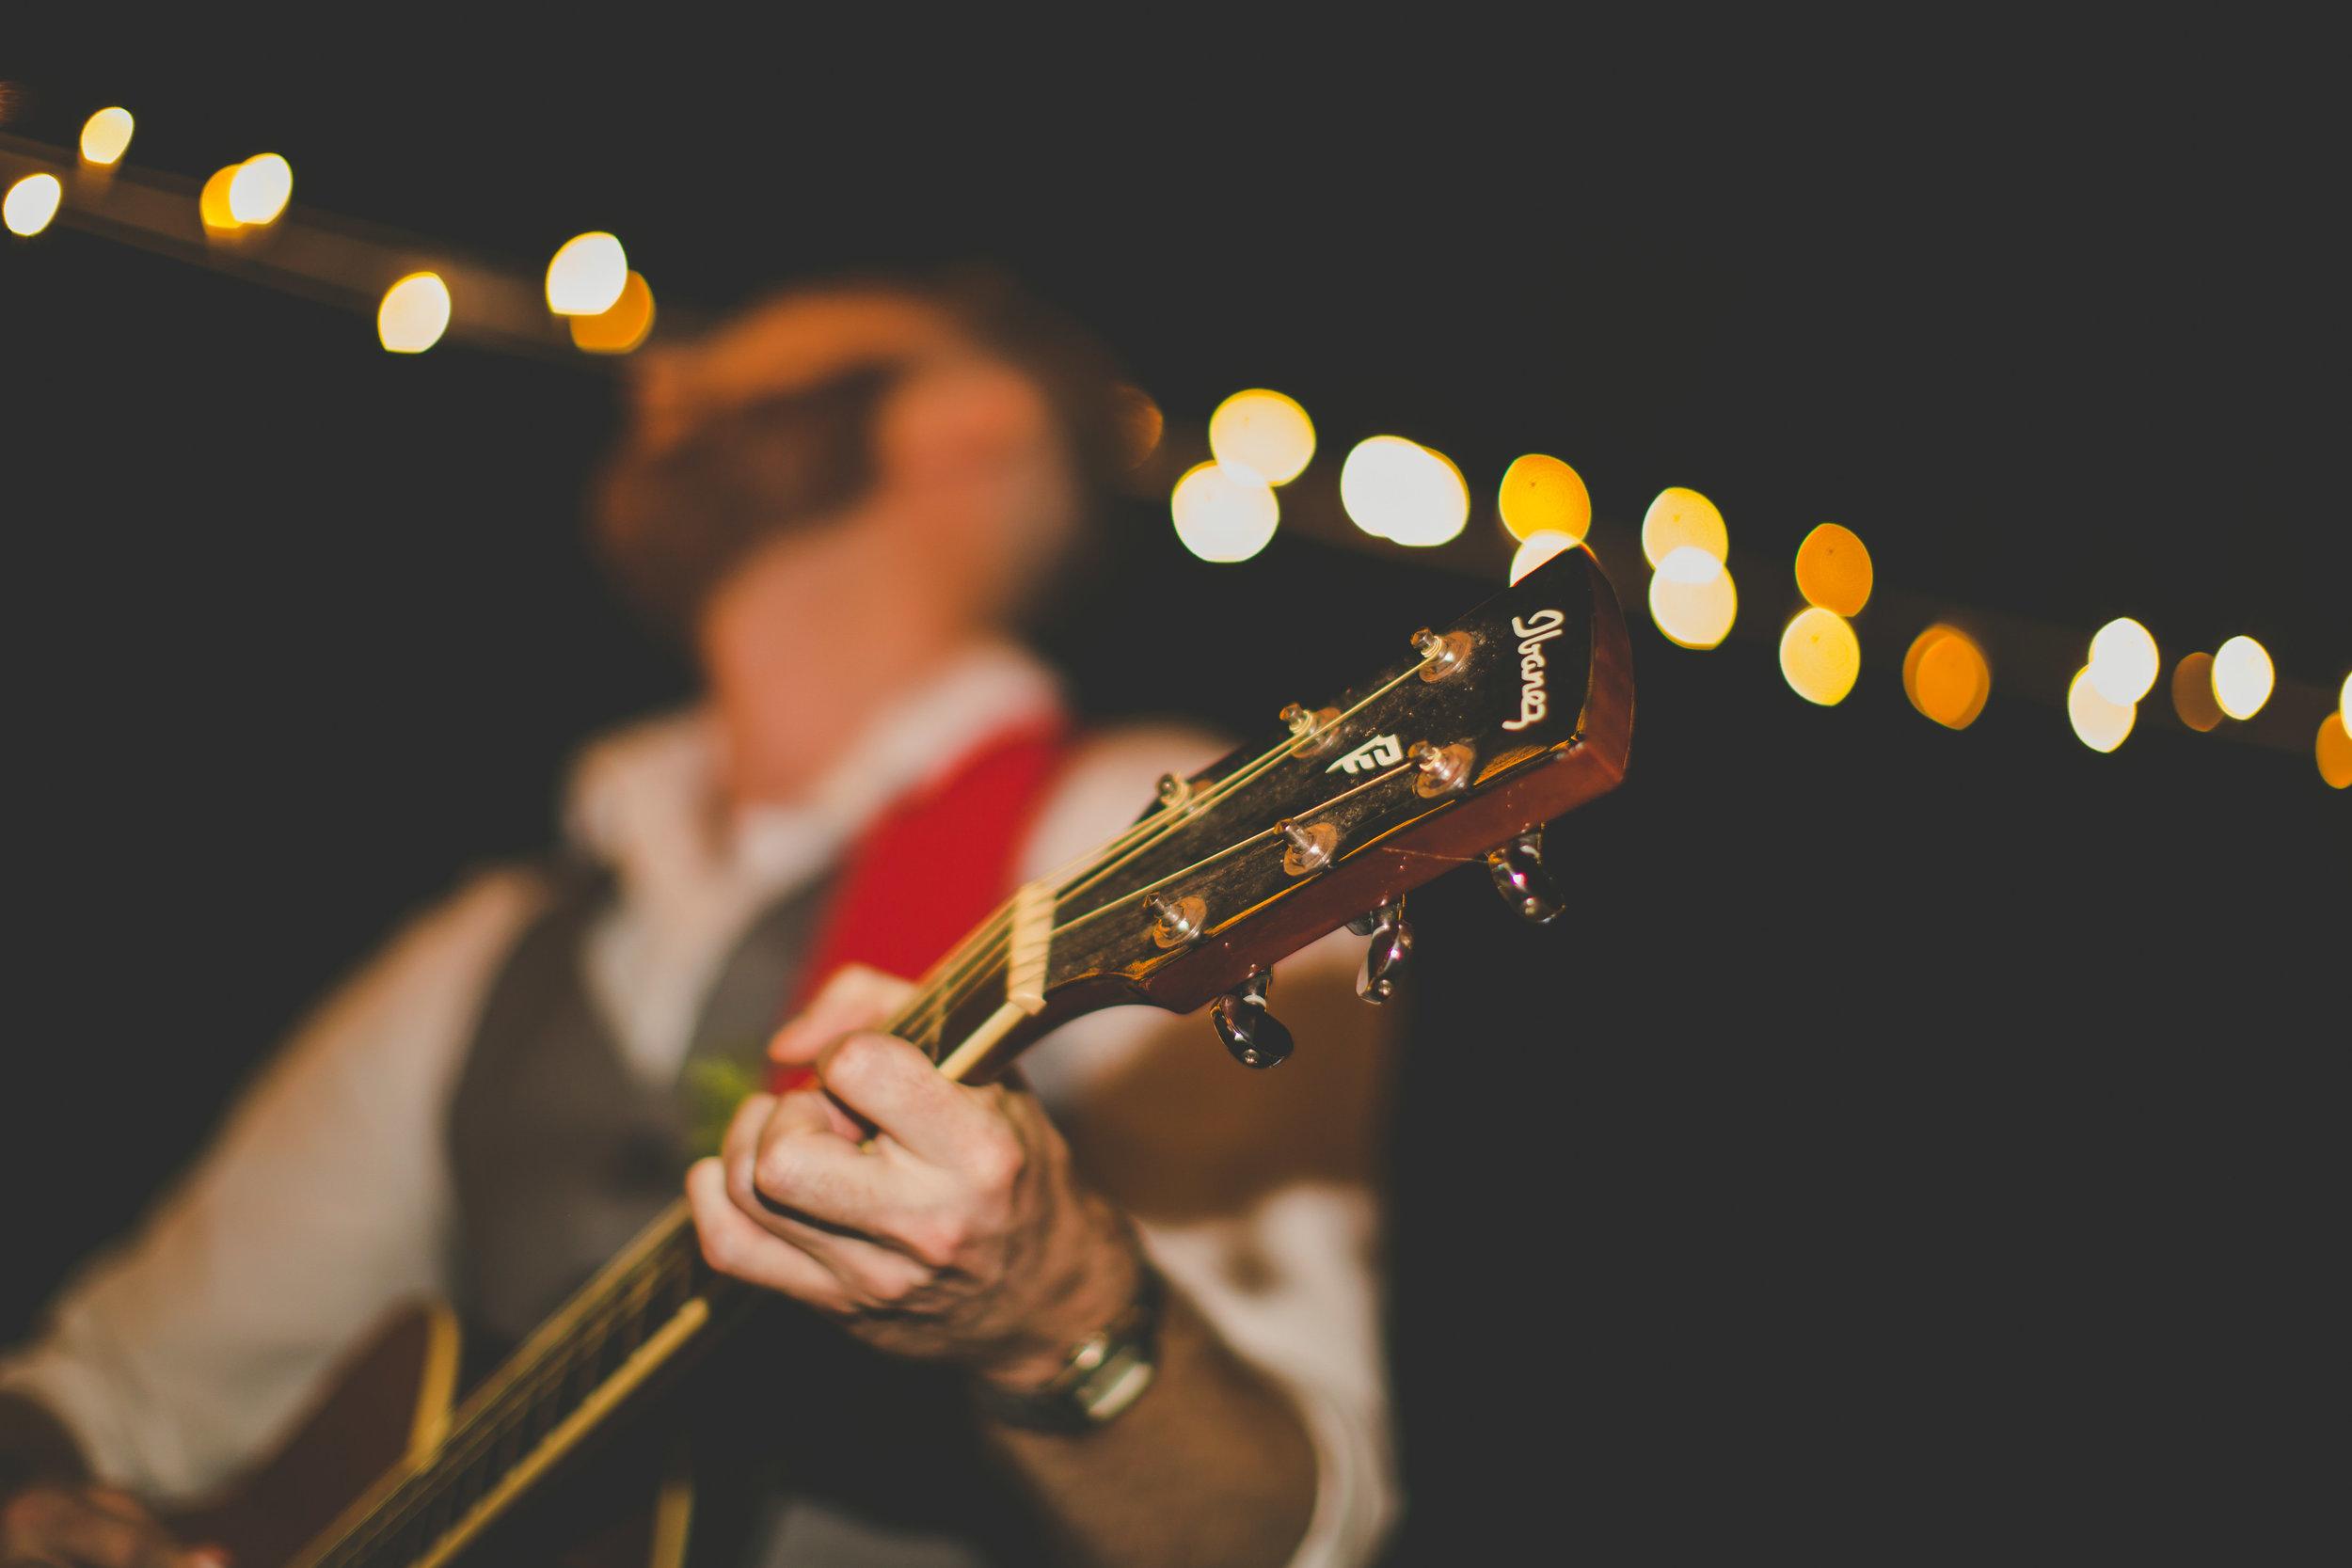 guitar rarotonga